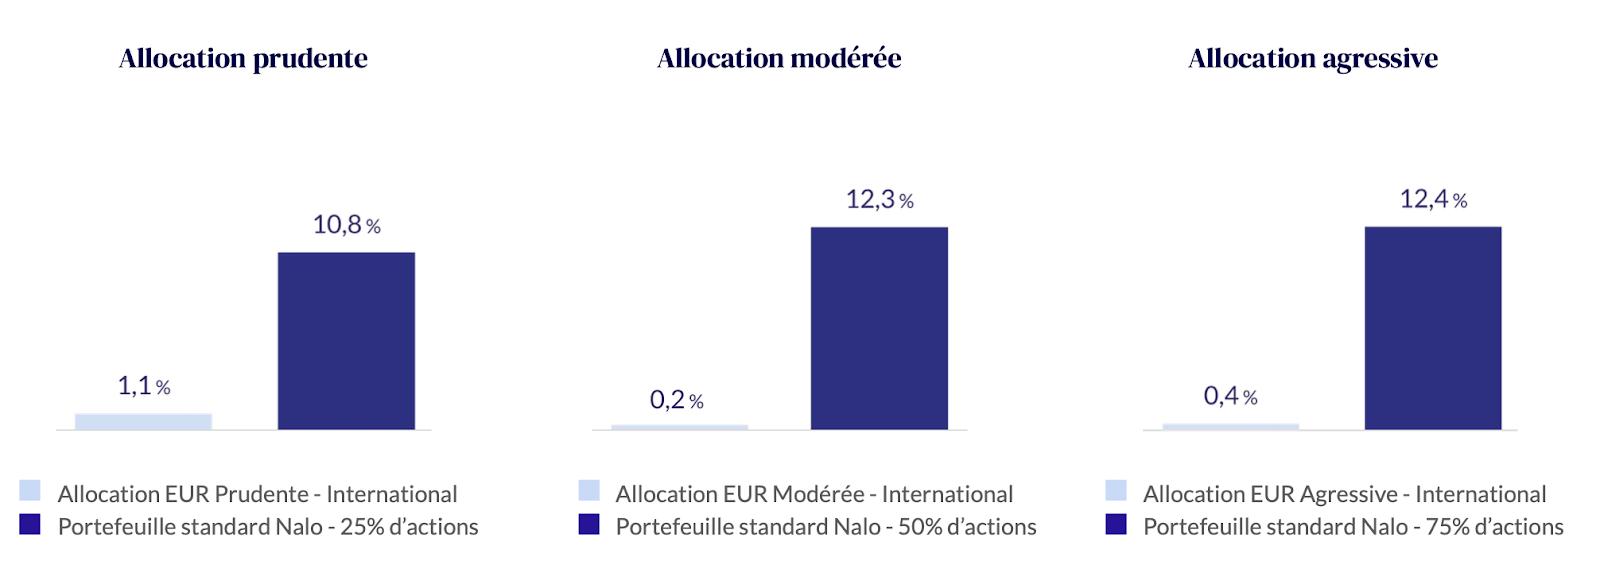 Performances comparées sur la période 2018-2020 du portefeuille standard de Nalo et des performances moyennes (fournies par Morningstar*) de 1 760 fonds patrimoniaux, proposant des allocations internationales en devise euro.